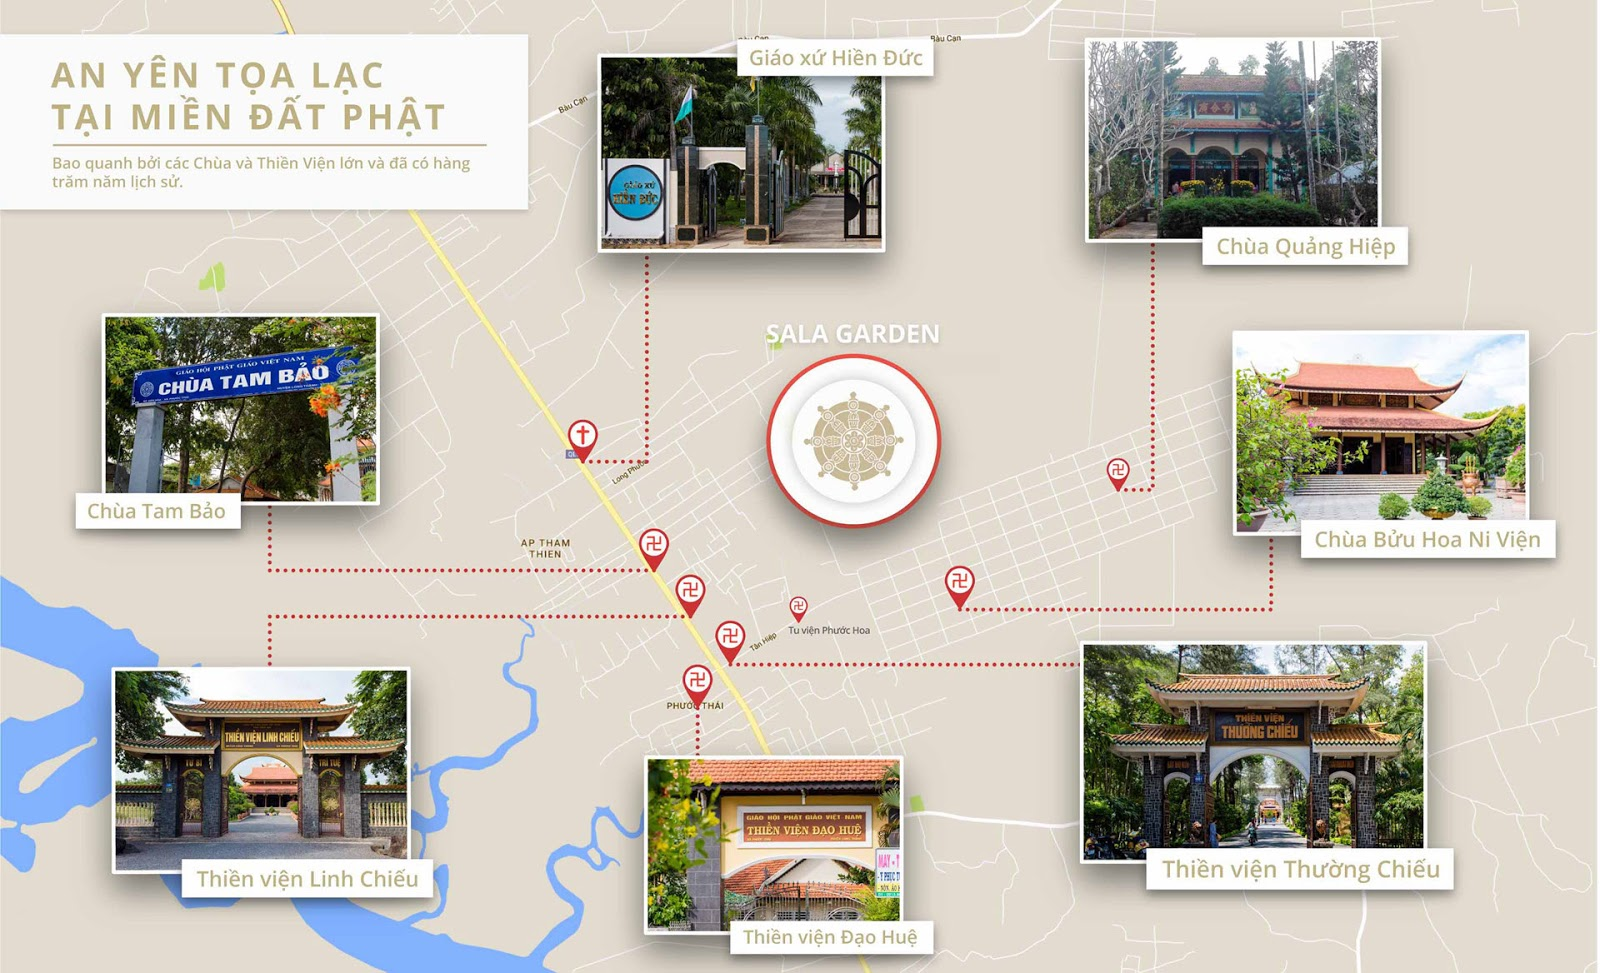 Thiền viện quanh Hoa Viên 5*